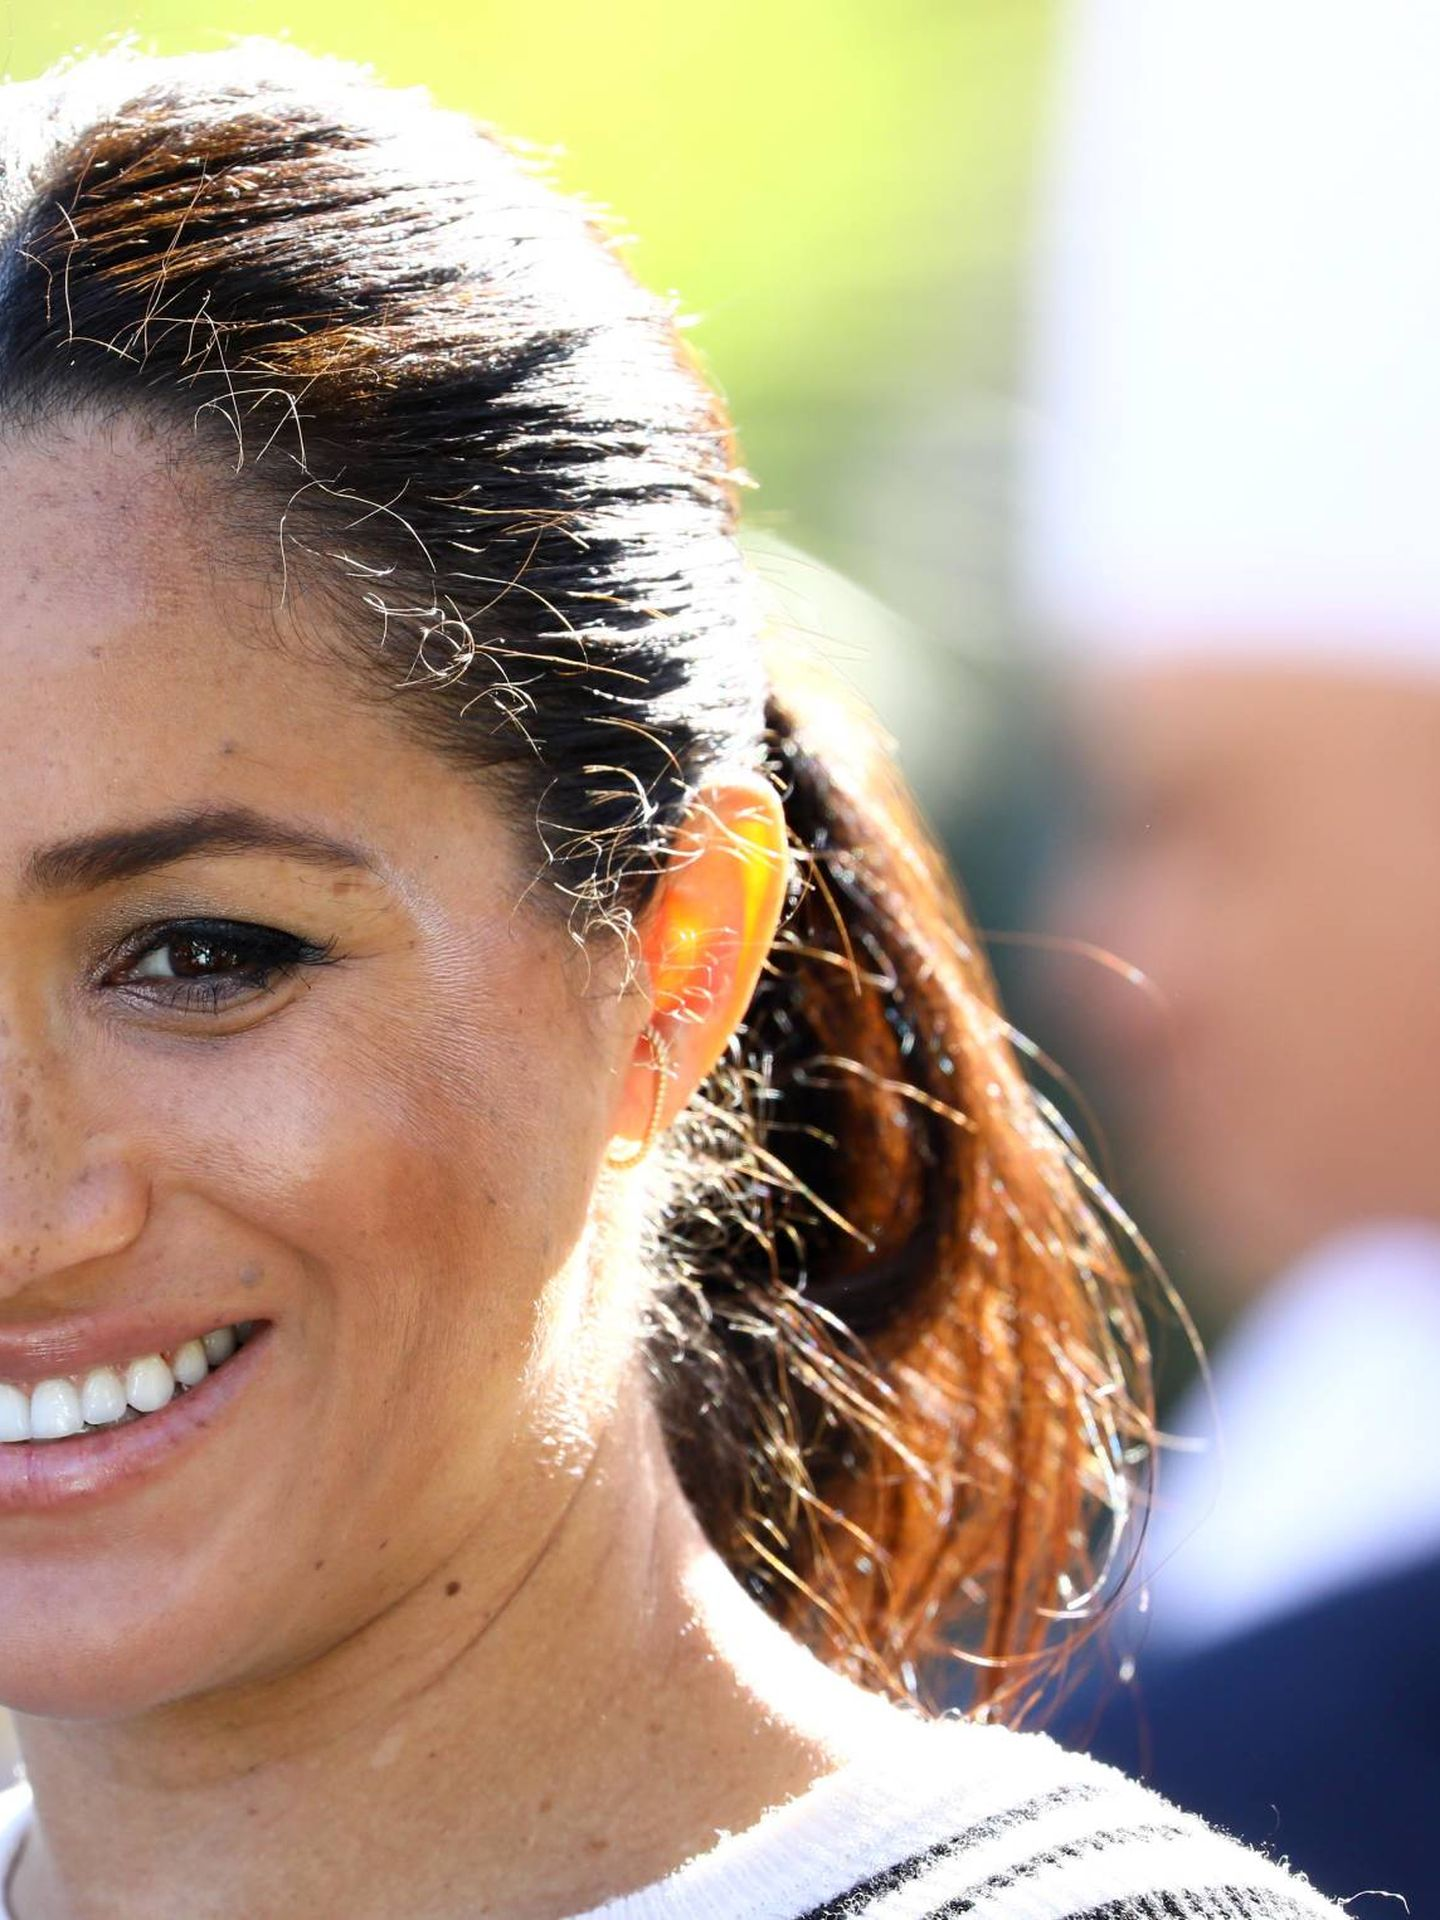 El pelo de Meghan Markle durante su embarazo manifestó un notable crecimiento que se frenó en seco tras dar a luz. (Getty)